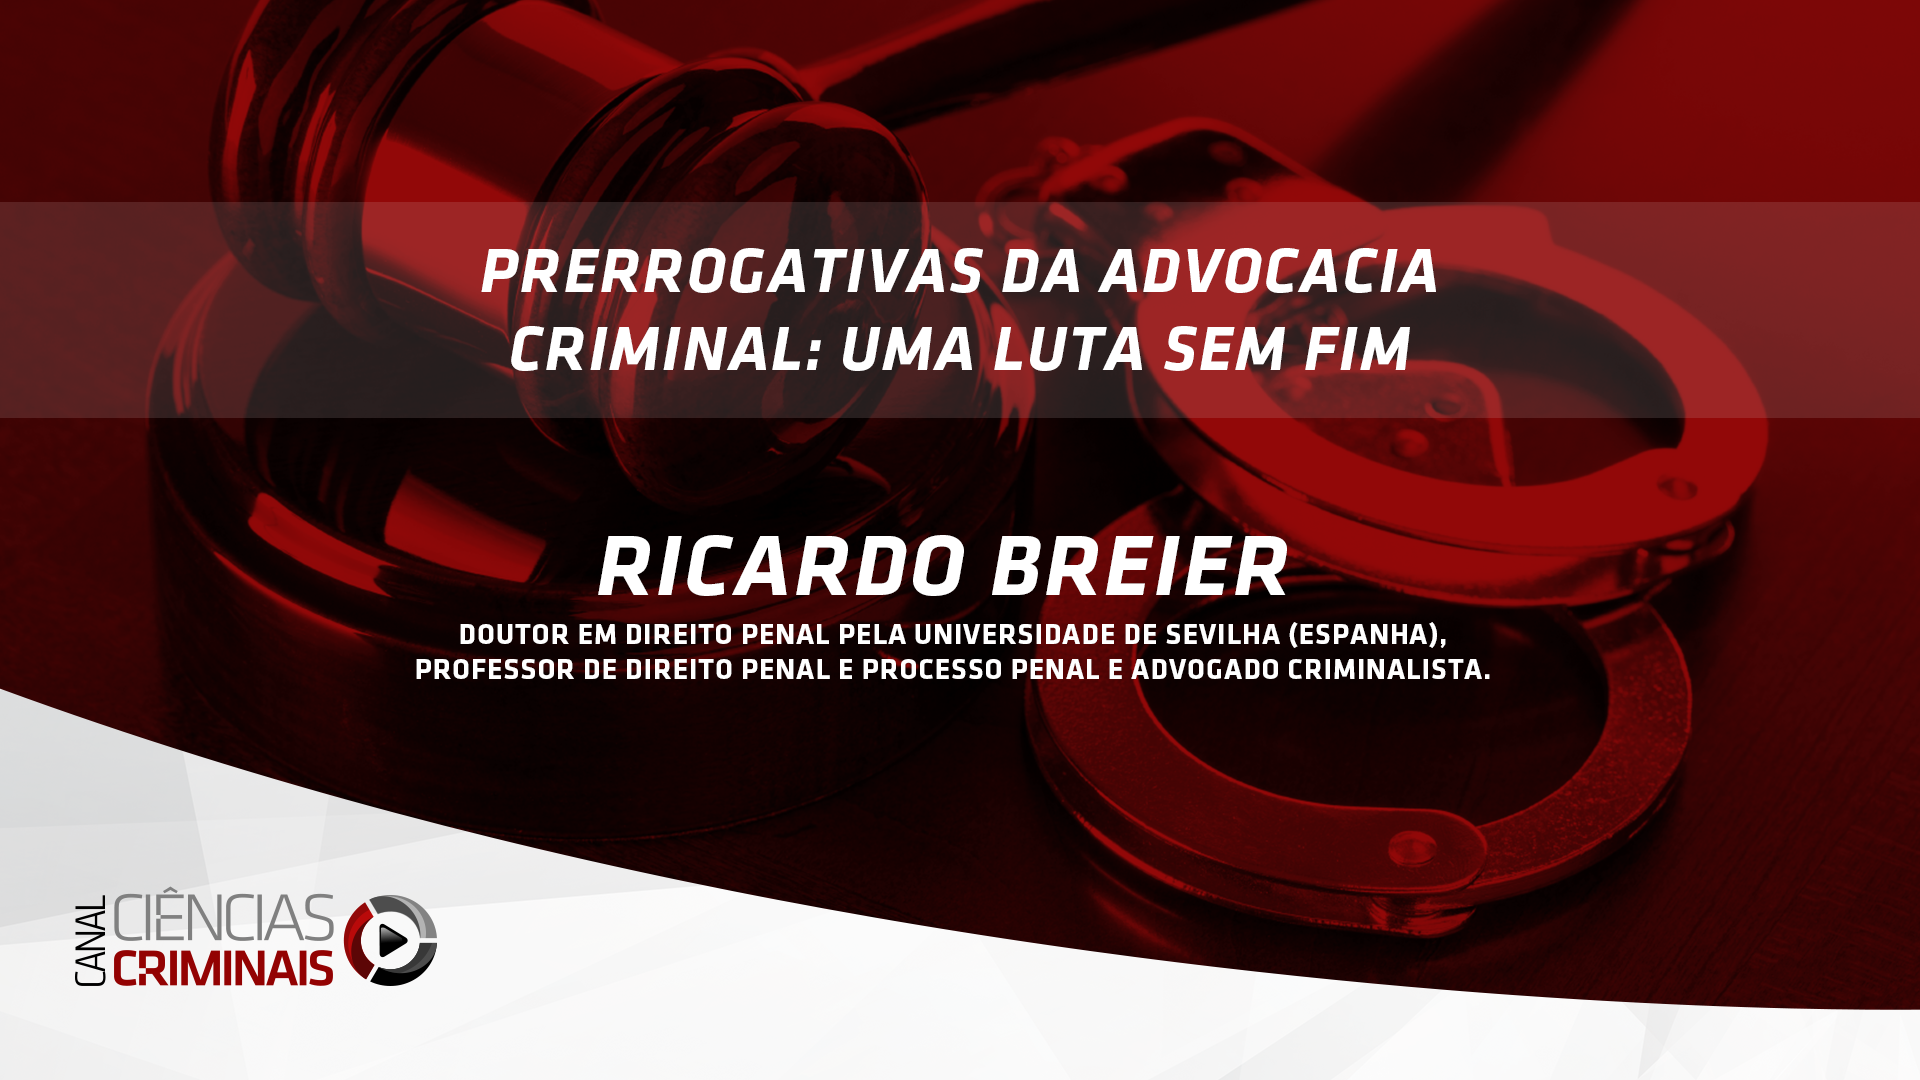 # 34 – Ricardo Breier – Prerrogativas da Advocacia Criminal: Uma Luta Sem Fim